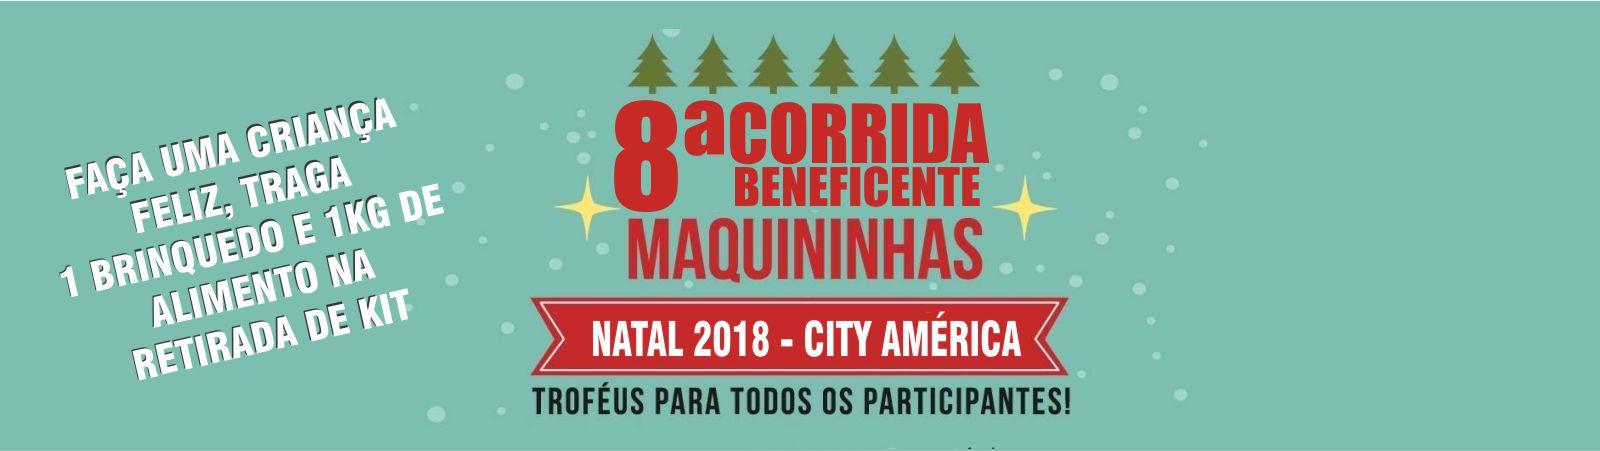 8ª CORRIDA E CAMINHADA BENEFICENTE CITY AMERICA - Imagem de topo